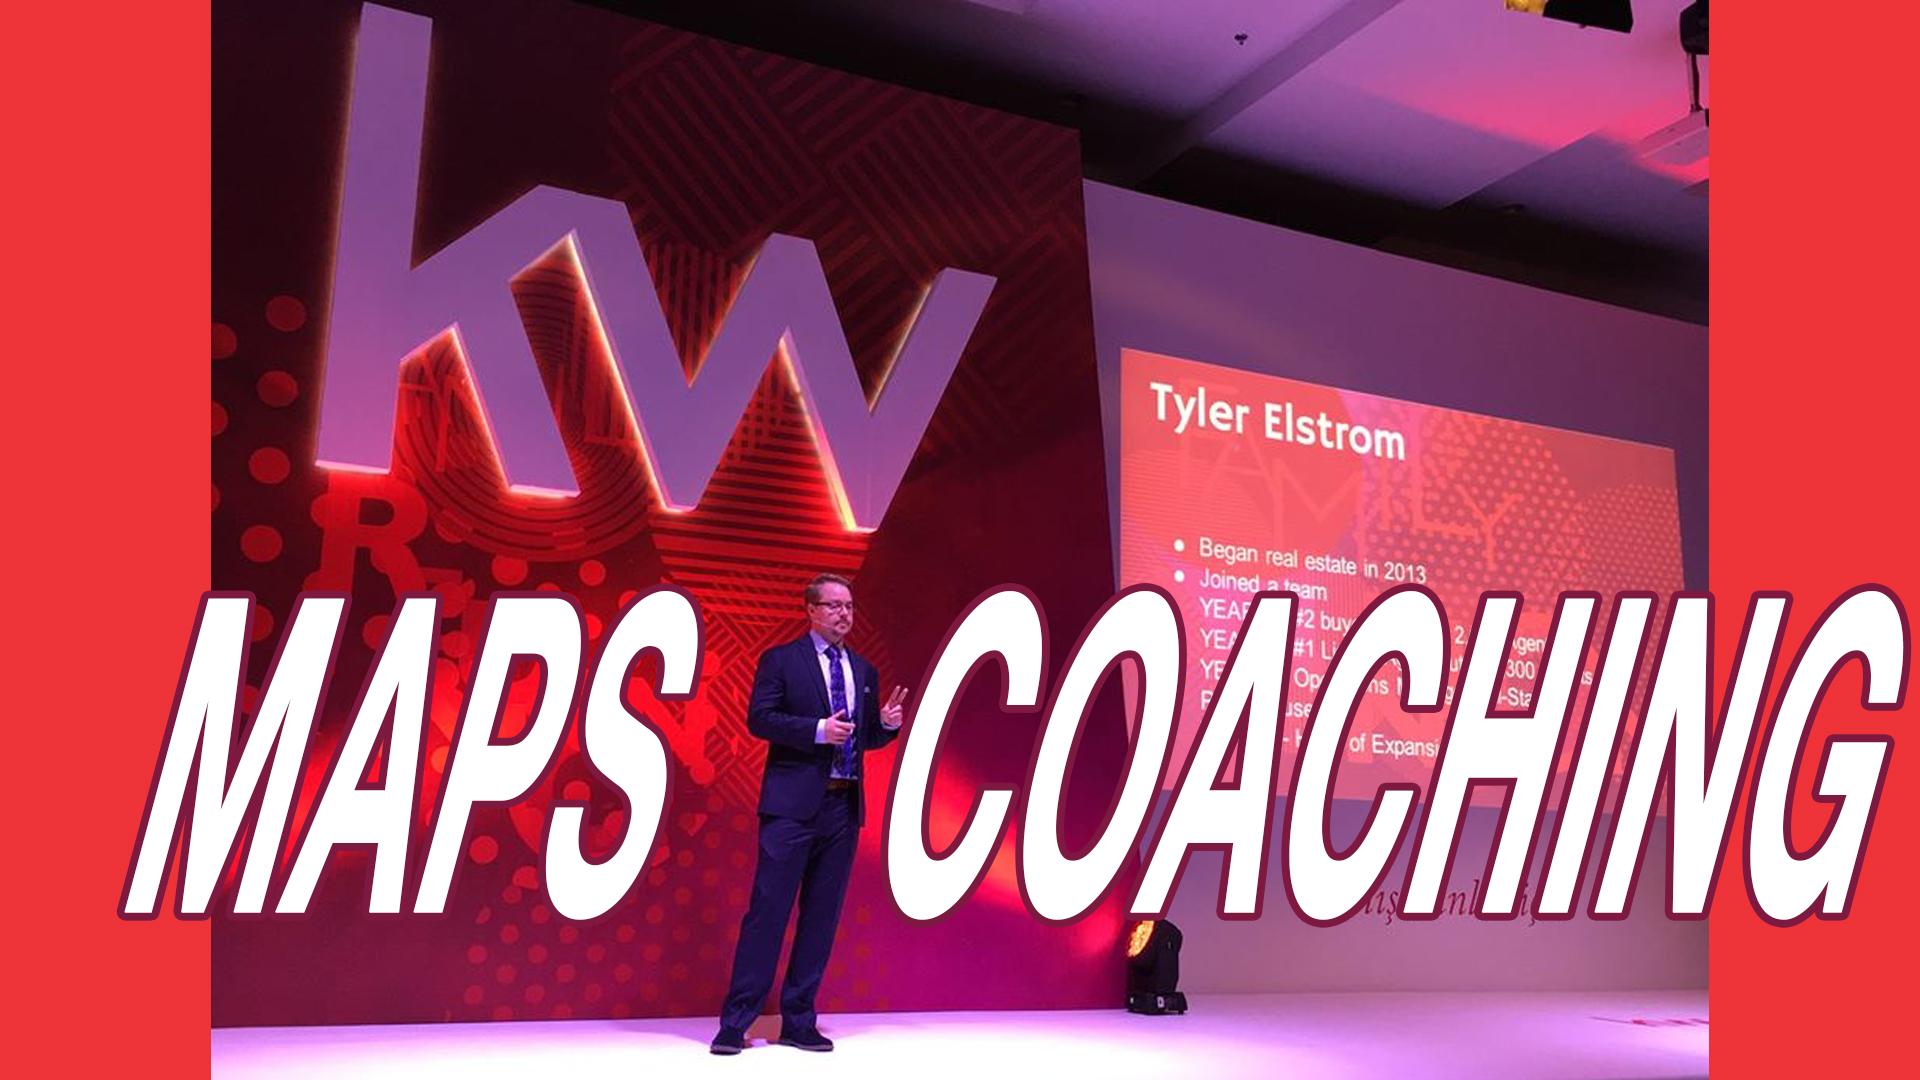 KW MAPS COACH SHARES SECRETS TO SUCCESS | AREN 135